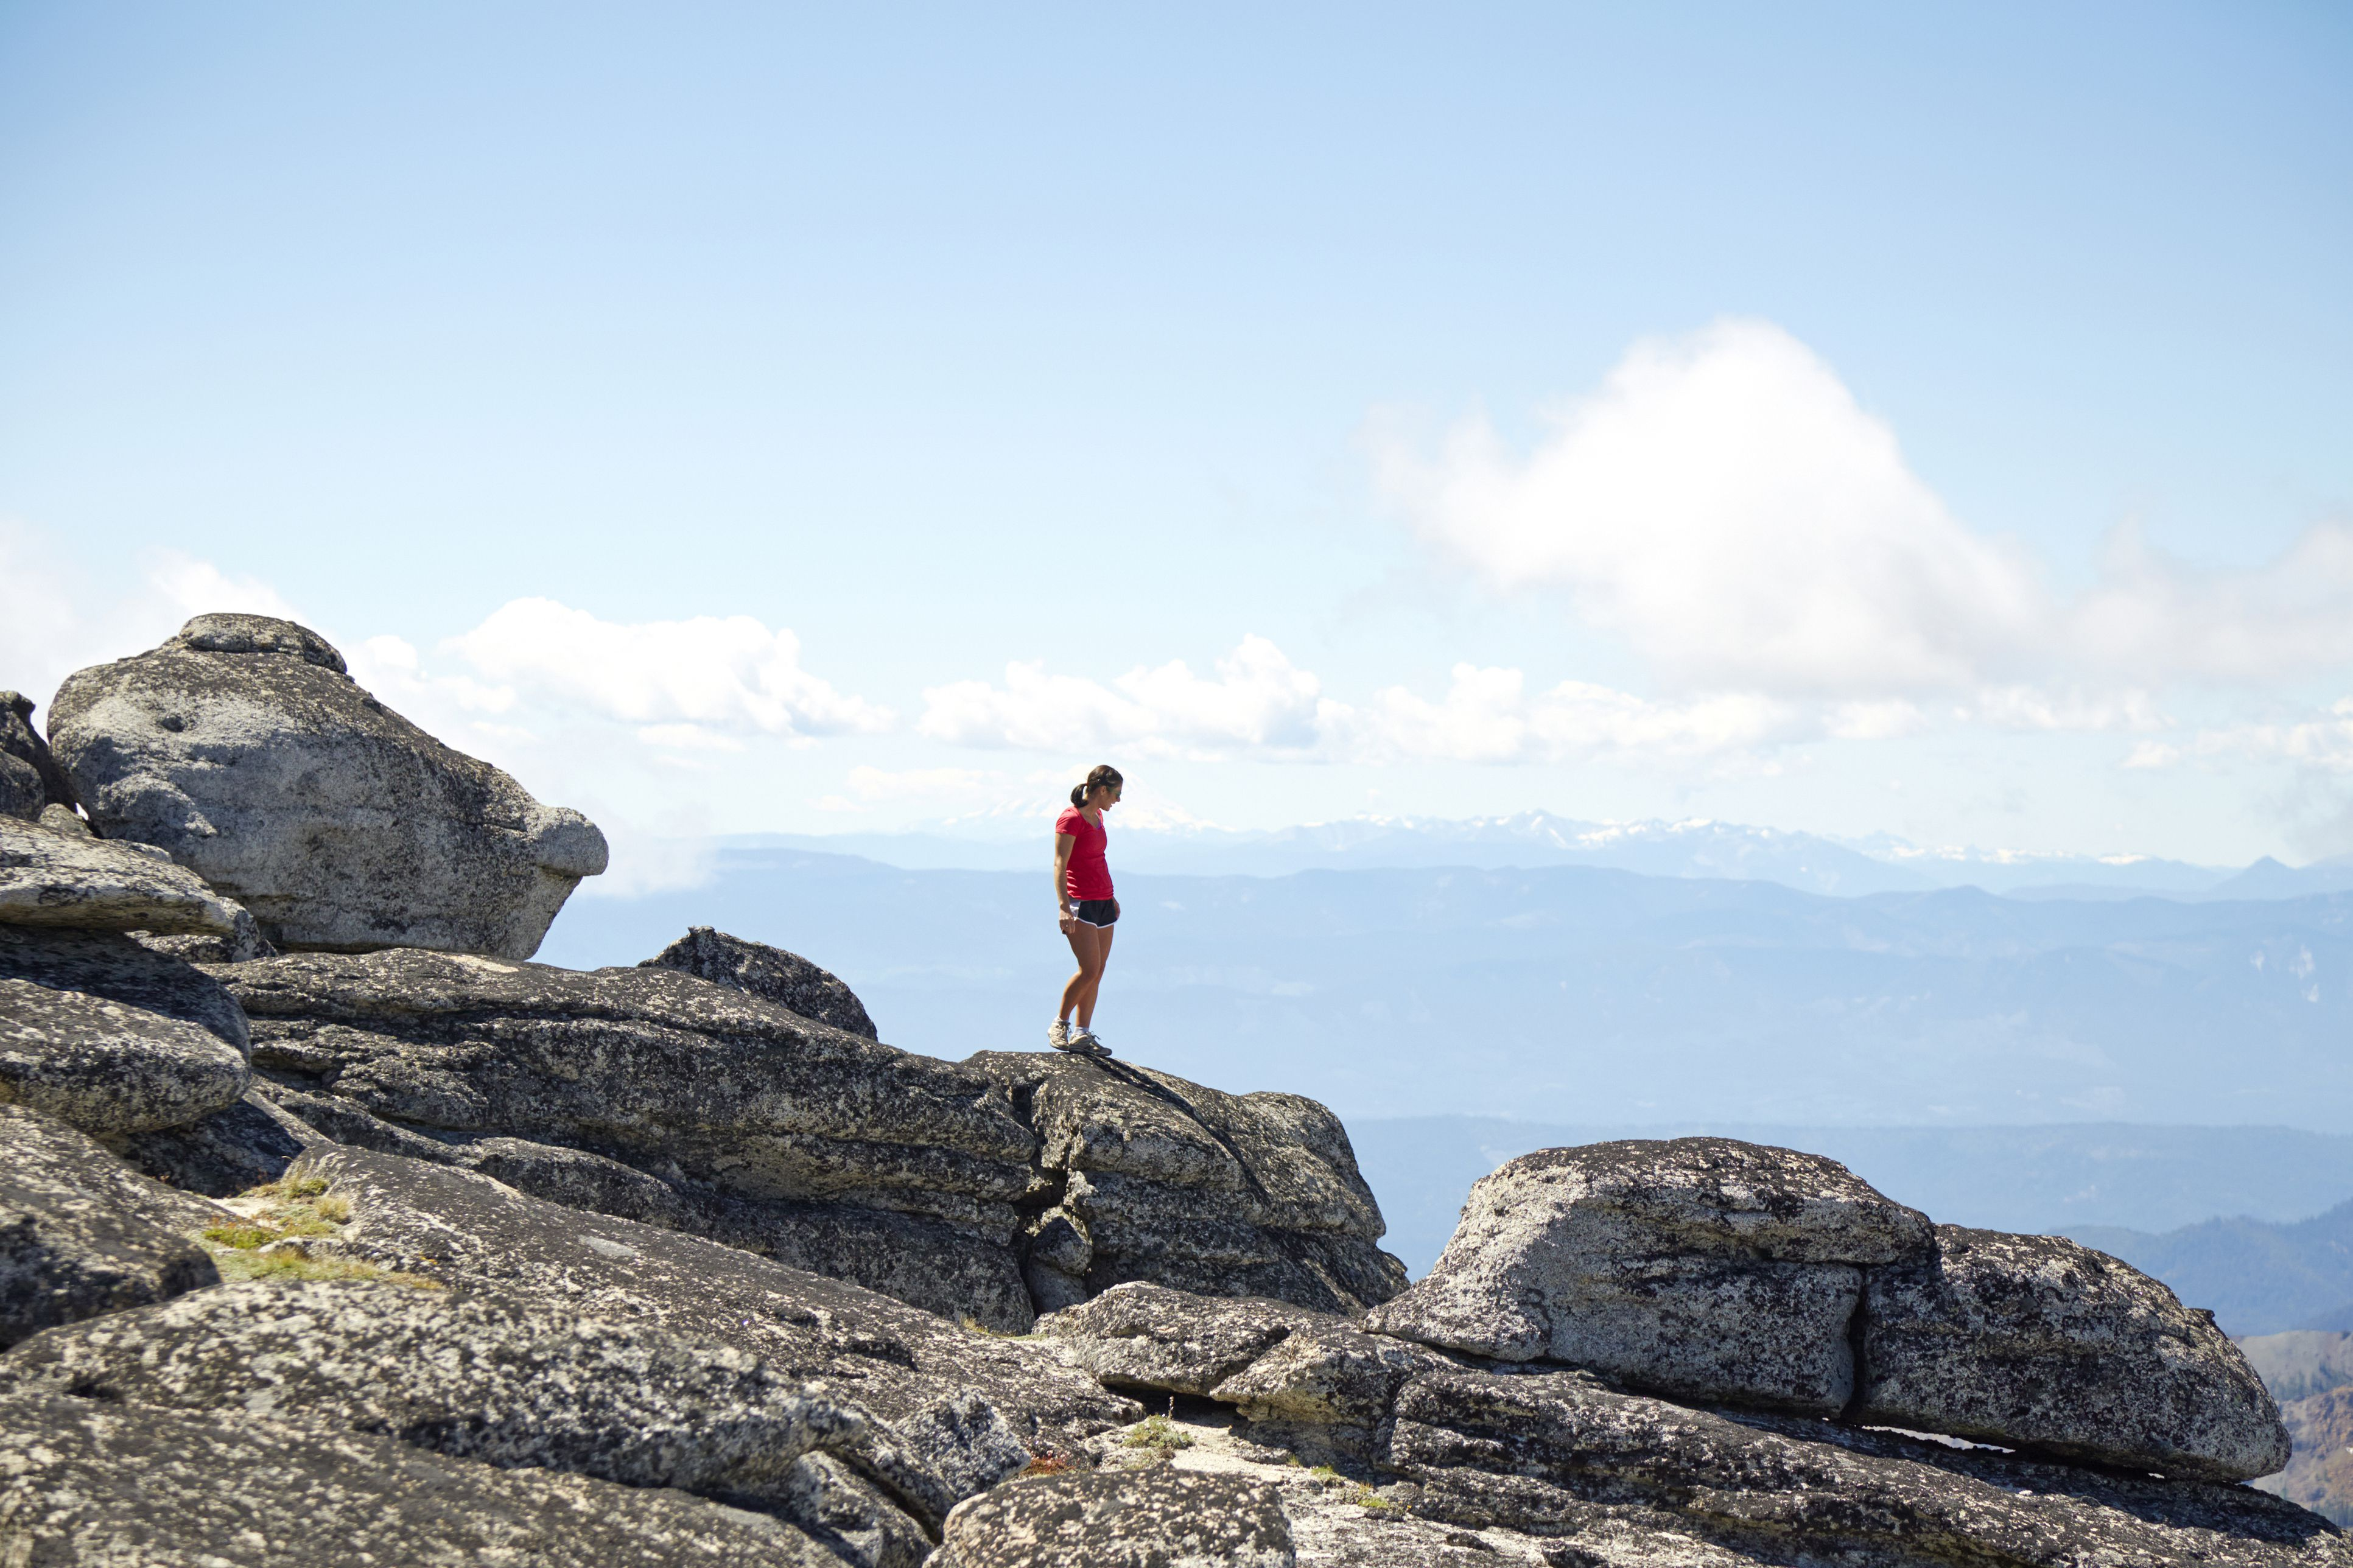 Hiker standing on hilltop in remote landscape